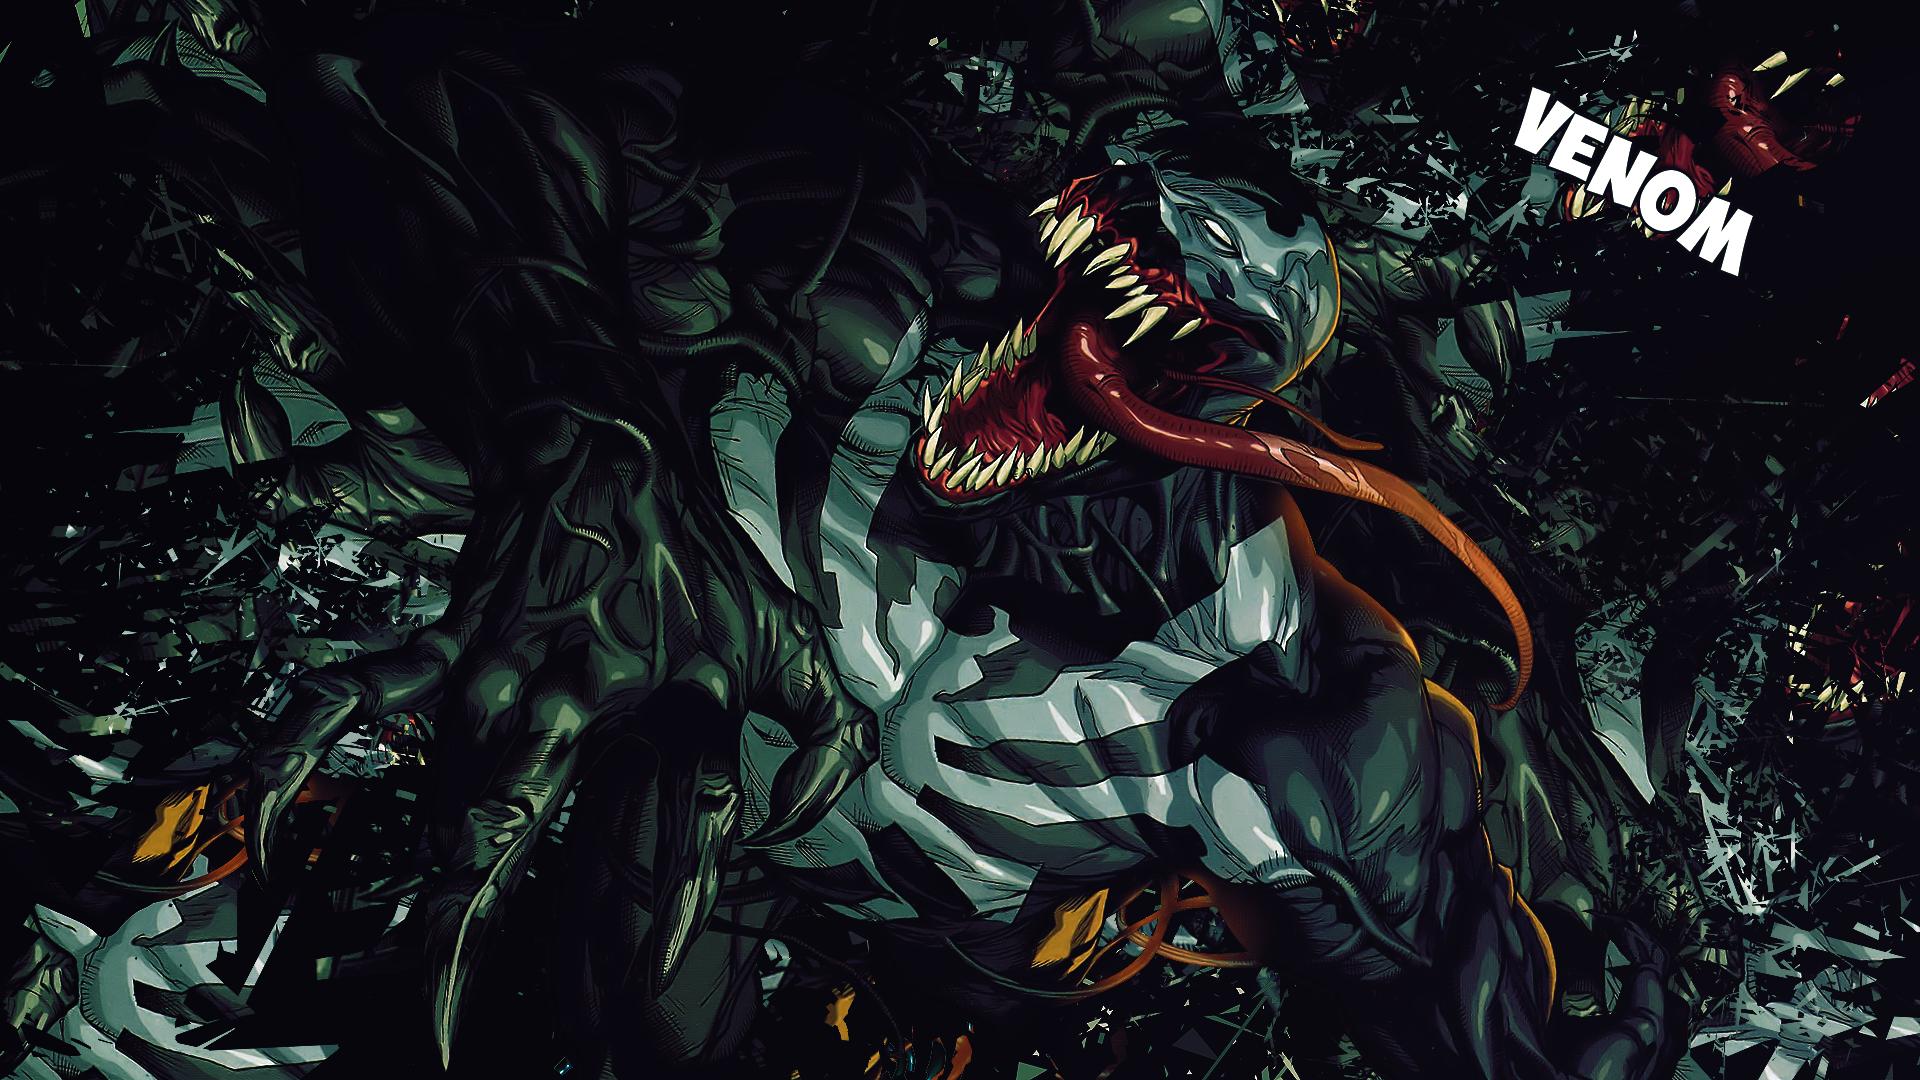 Venom HD Wallpapers for desktop download 1920x1080